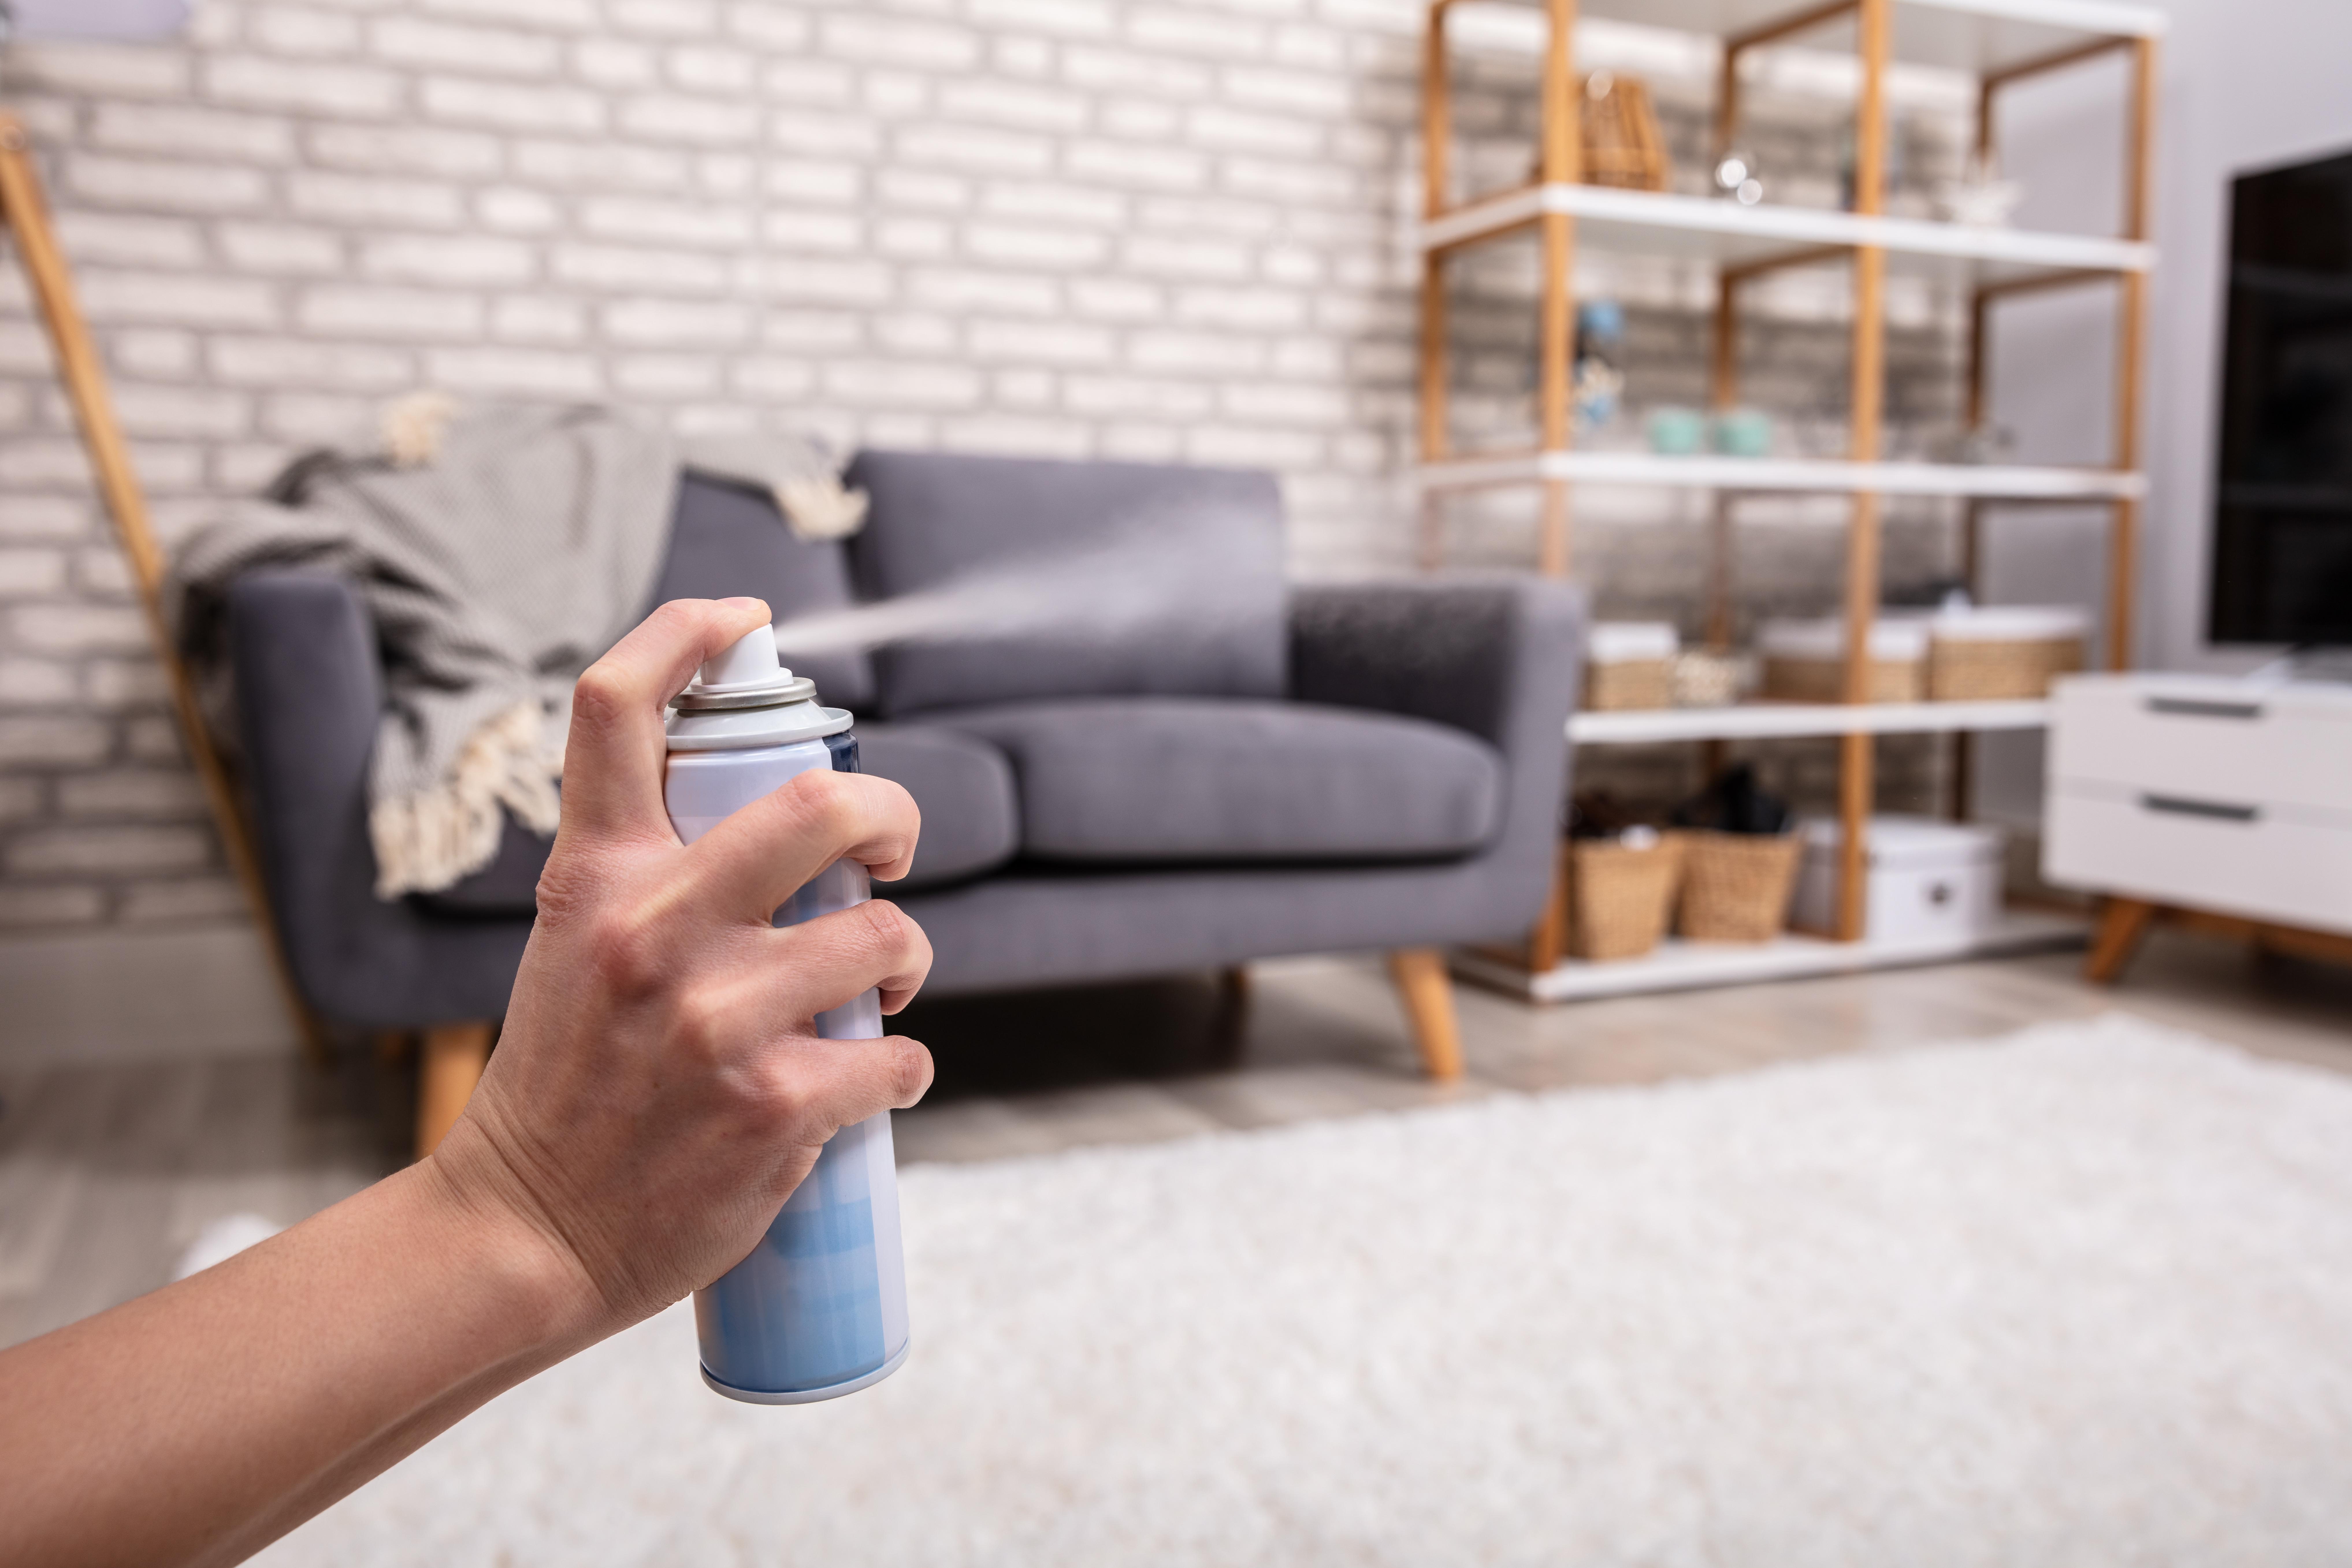 man spraying air freshener